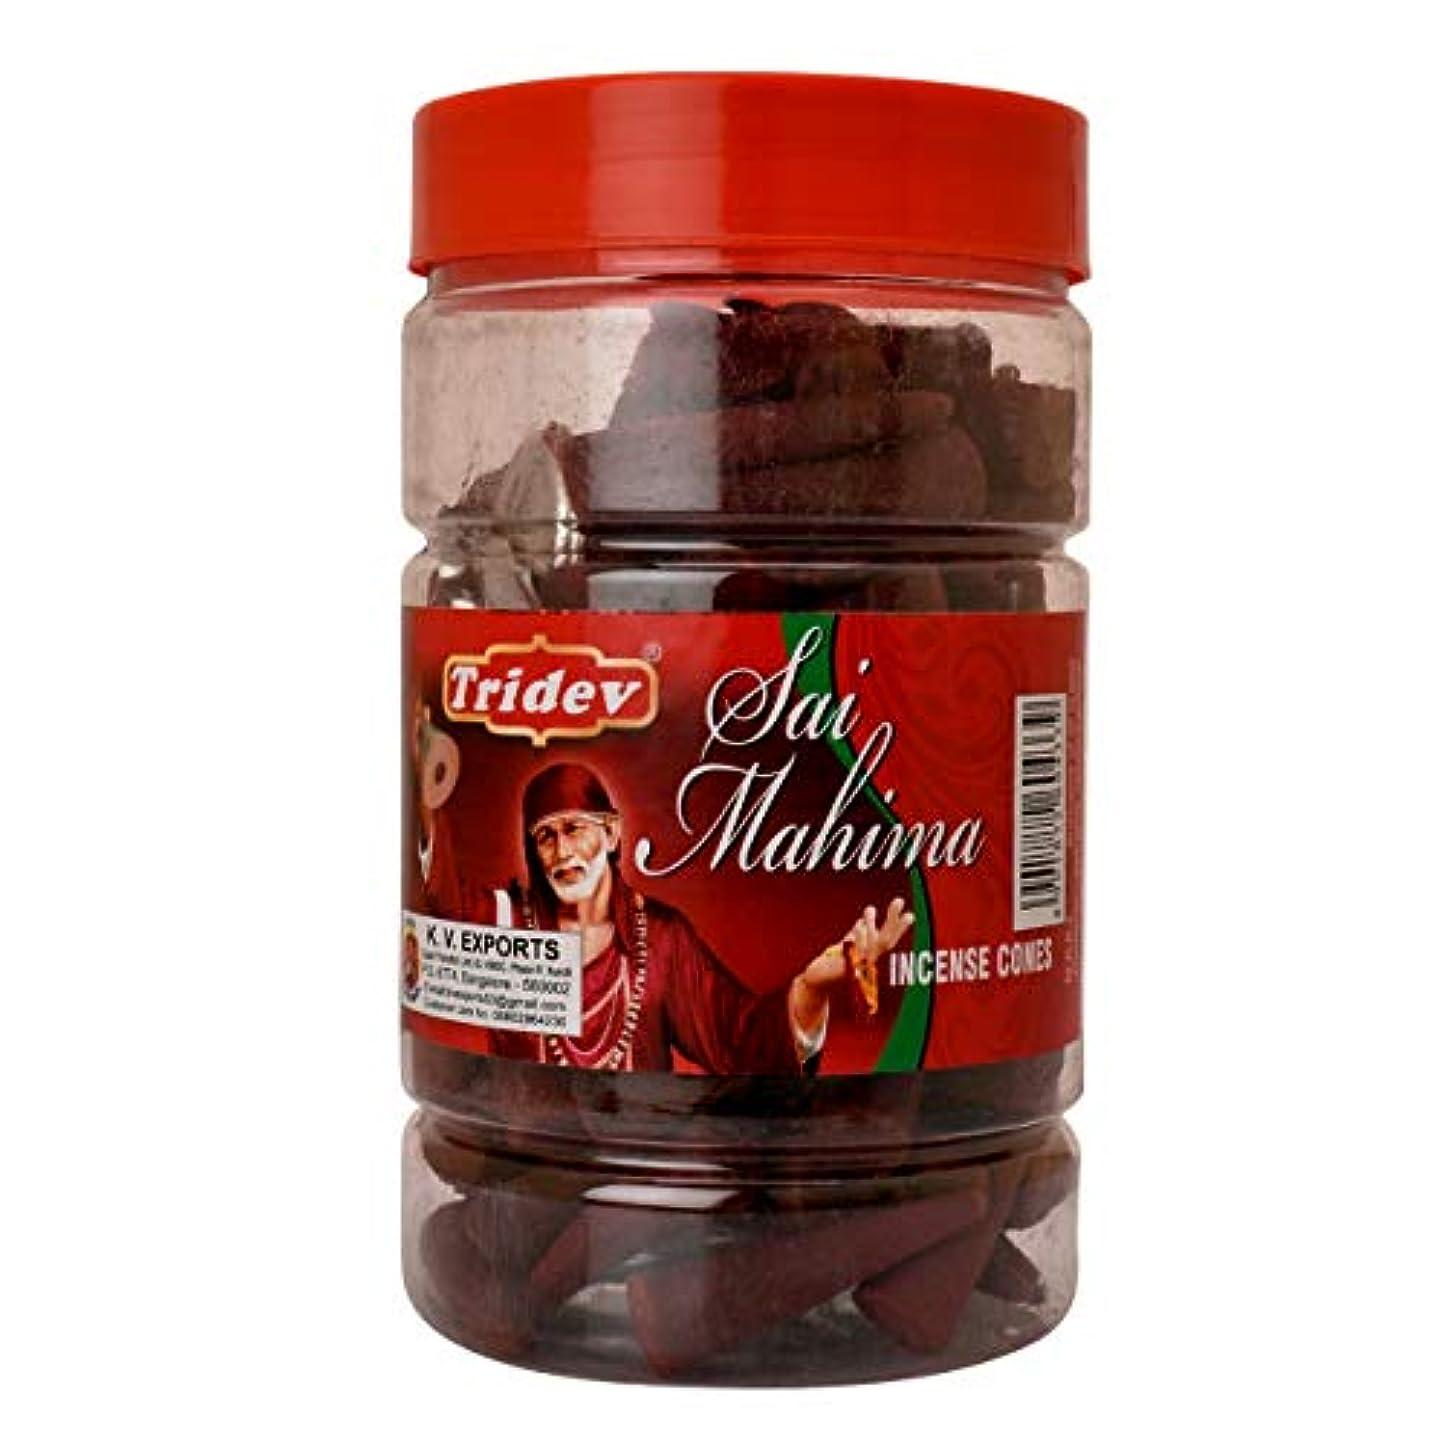 精巧なから聞く魂Tridev Sai Mahima フレグランス コーン型お香瓶 1350グラム ボックス入り | 6瓶 225グラム 箱入り | 輸出品質